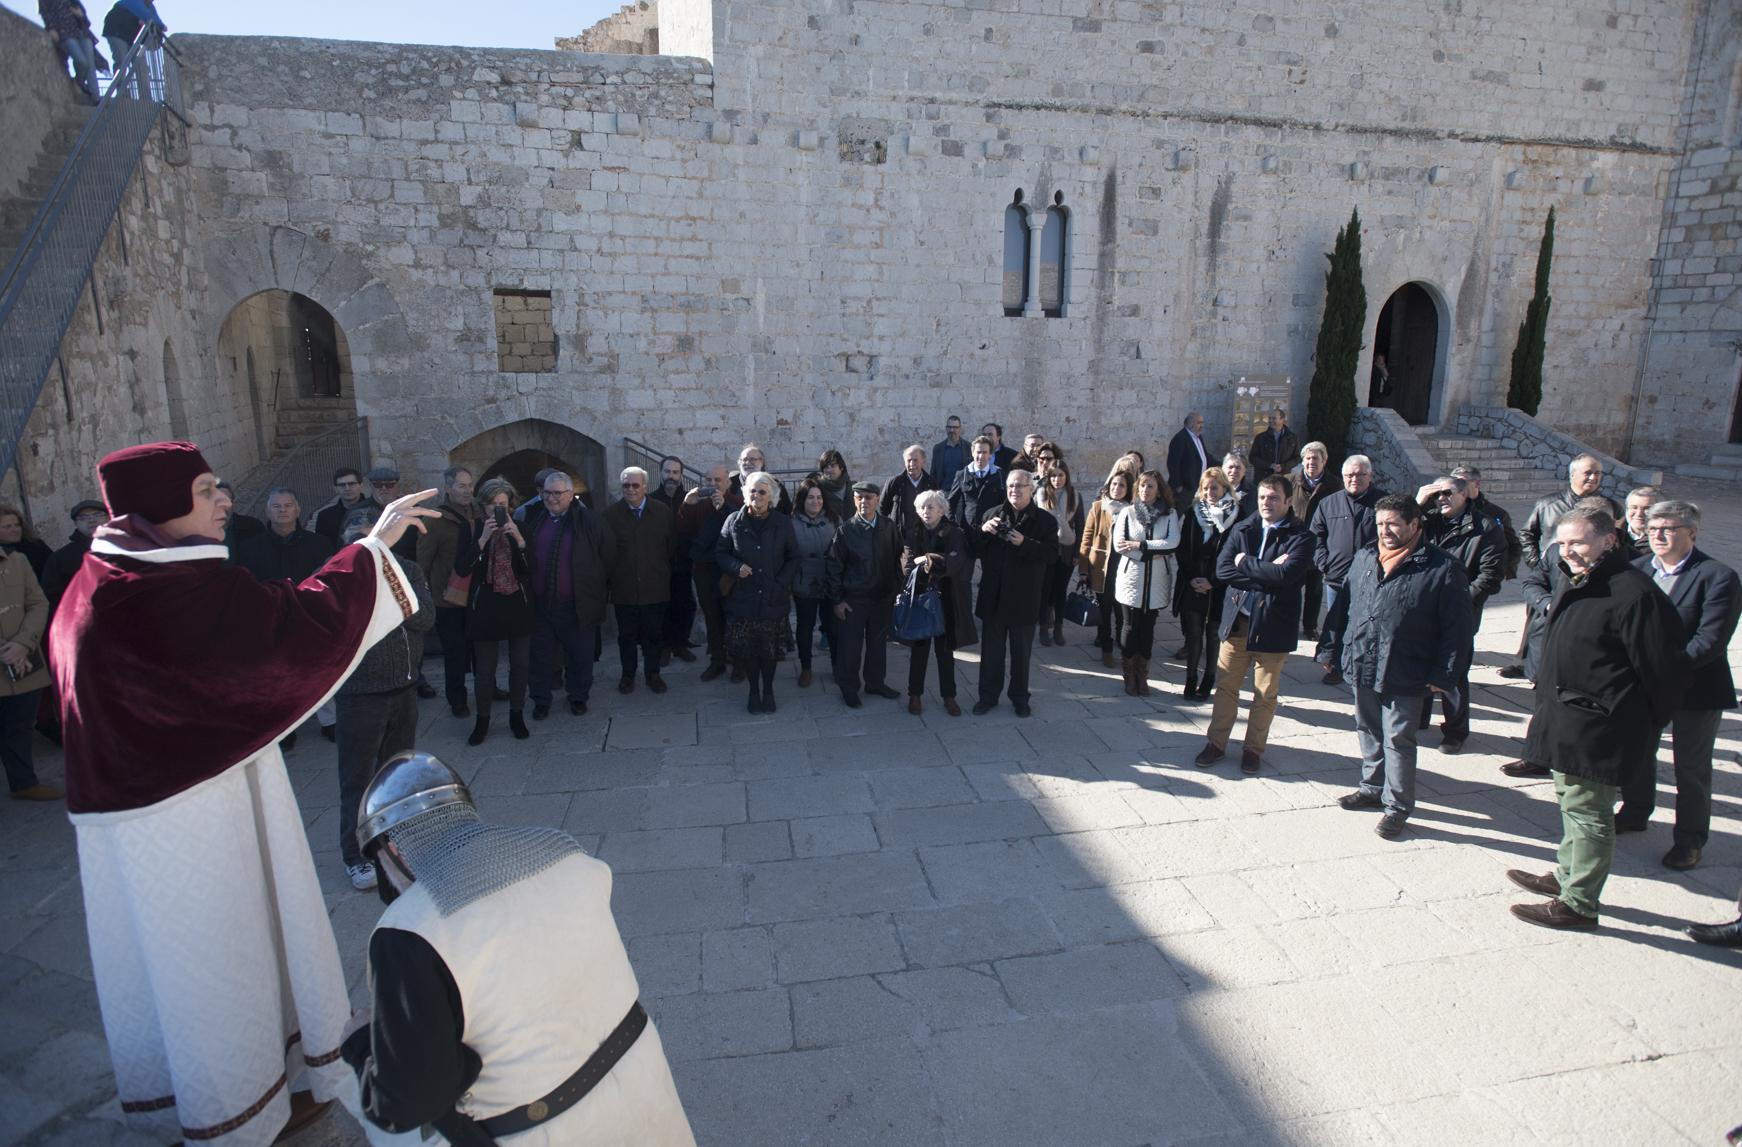 La Diputació comunica que el Castell de Peníscola ha duplicat el número de visitants